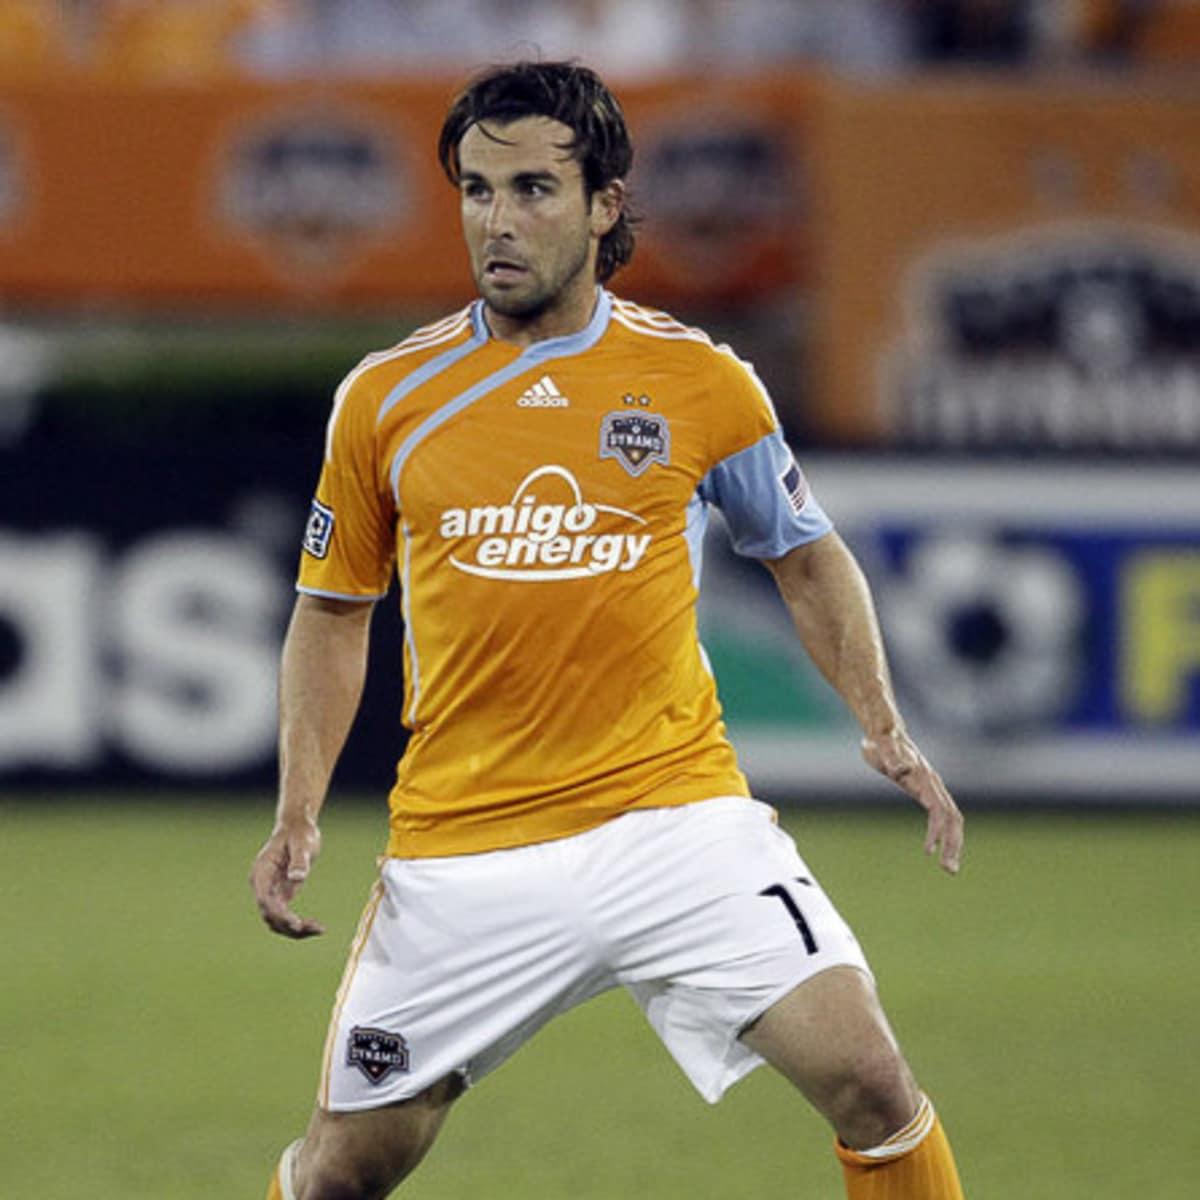 News_Mike Chabala_Dynamo_soccer player